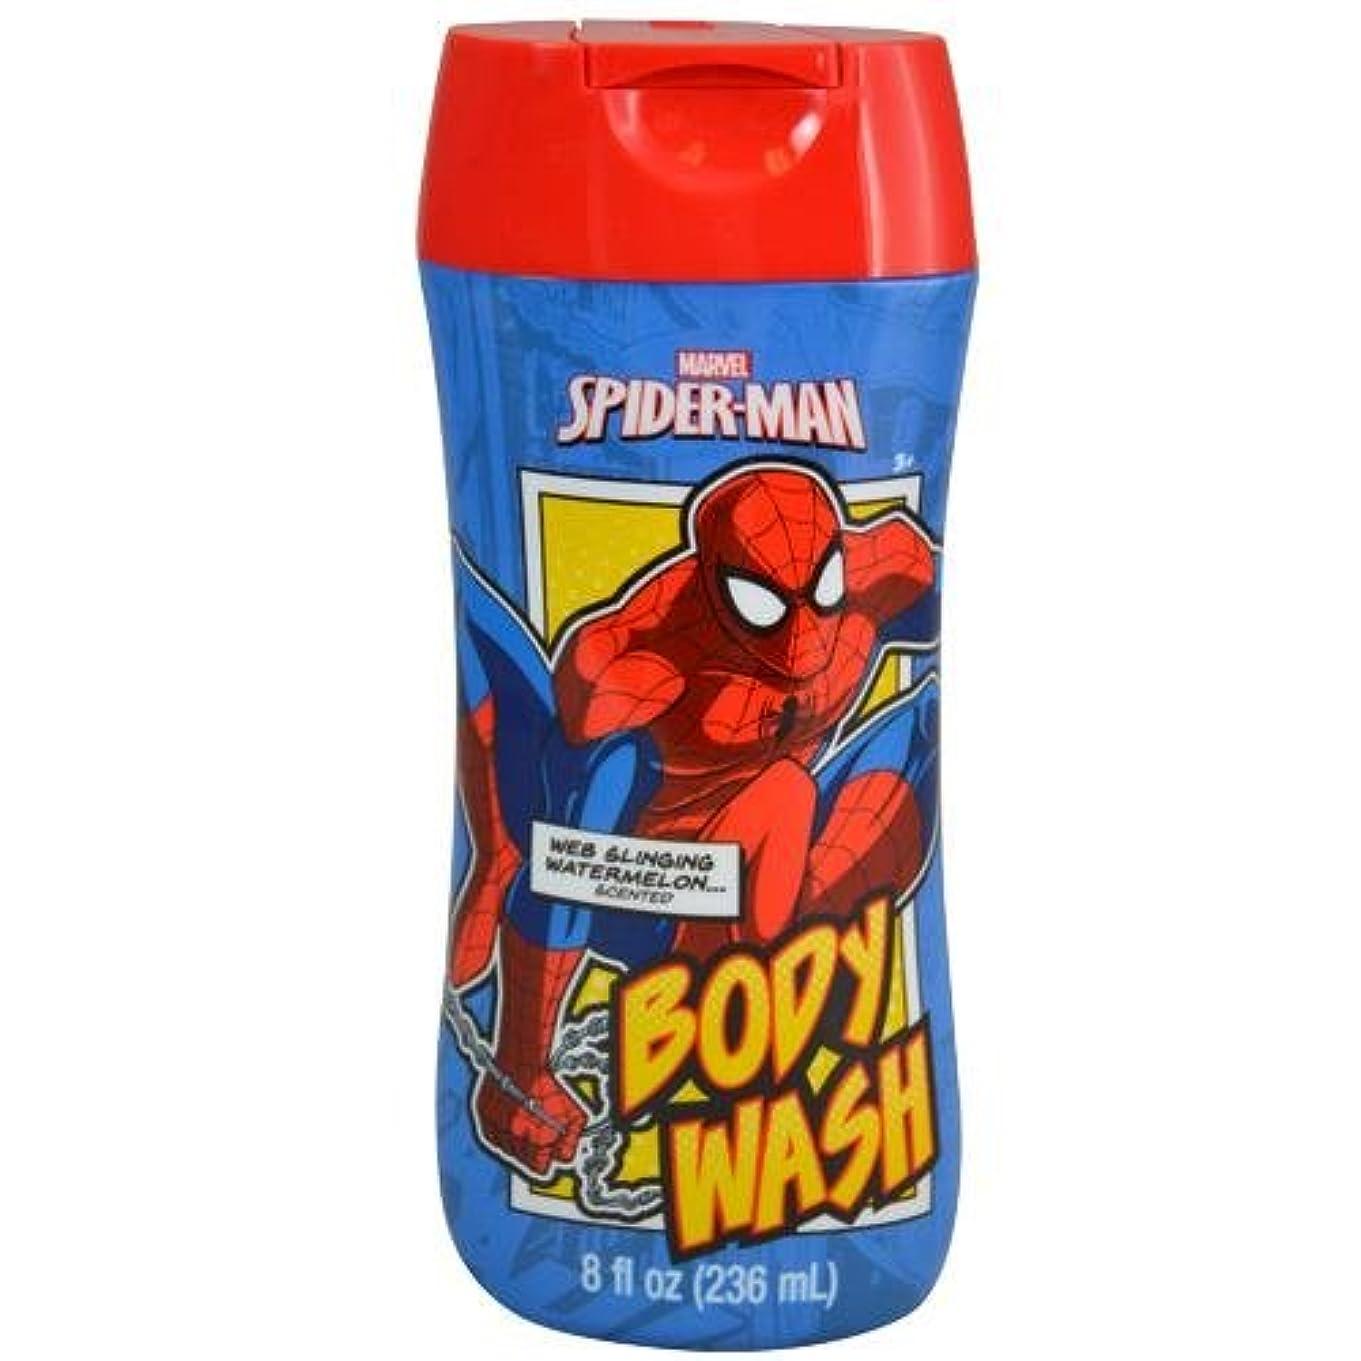 罰する怪物学習者スパイダーマン SPIDER-MAN ボディーソープ 12185 MARVEL お風呂 ボディ ソープ 子供用 キッズ ボディソープ MARVEL ボディウォッシュ マーベル ボディーウォッシュ【即日?翌日発送】